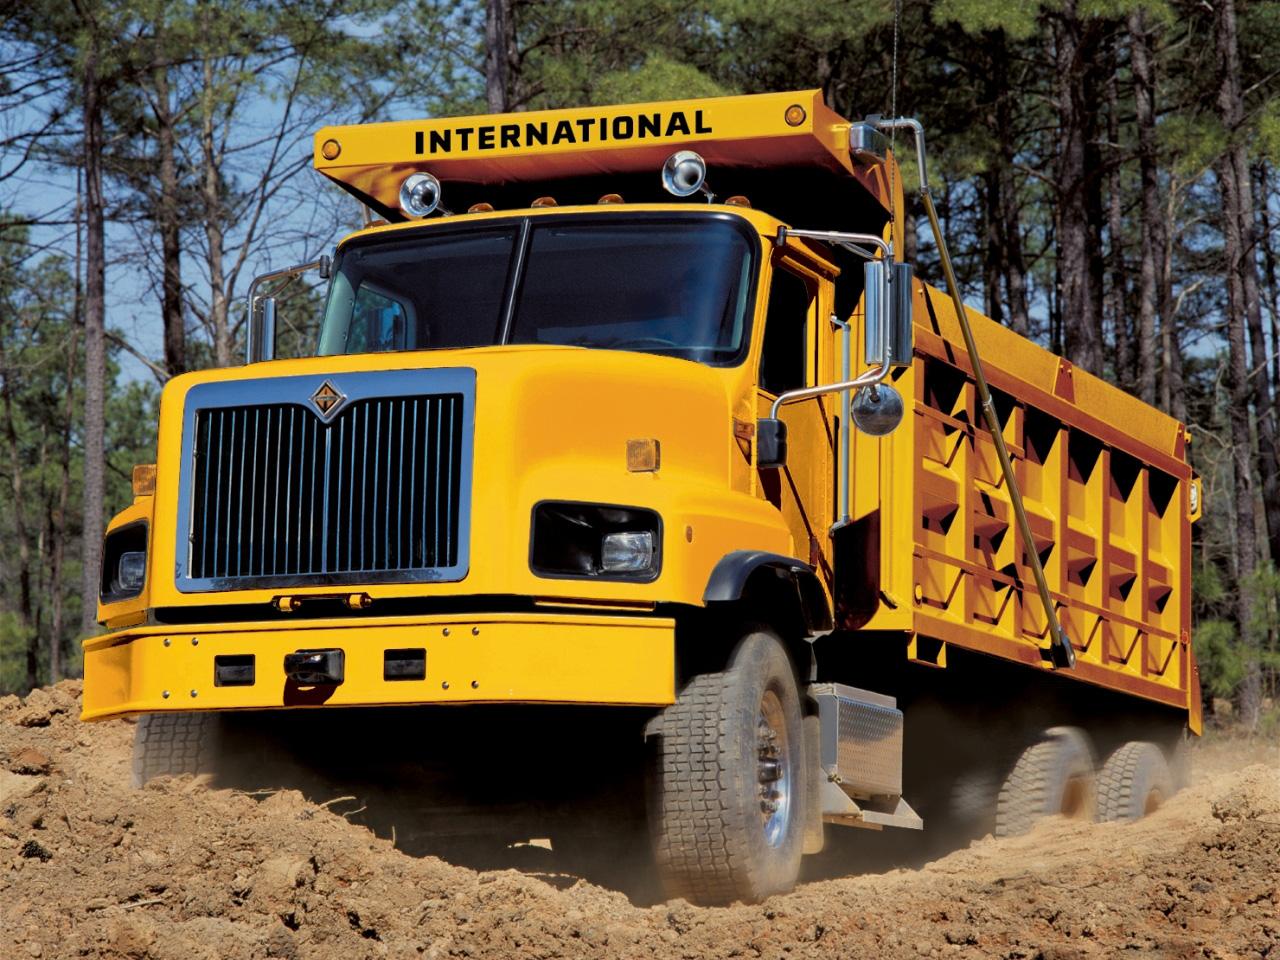 Download full size Trucks wallpaper / Vehicles / 1280x960